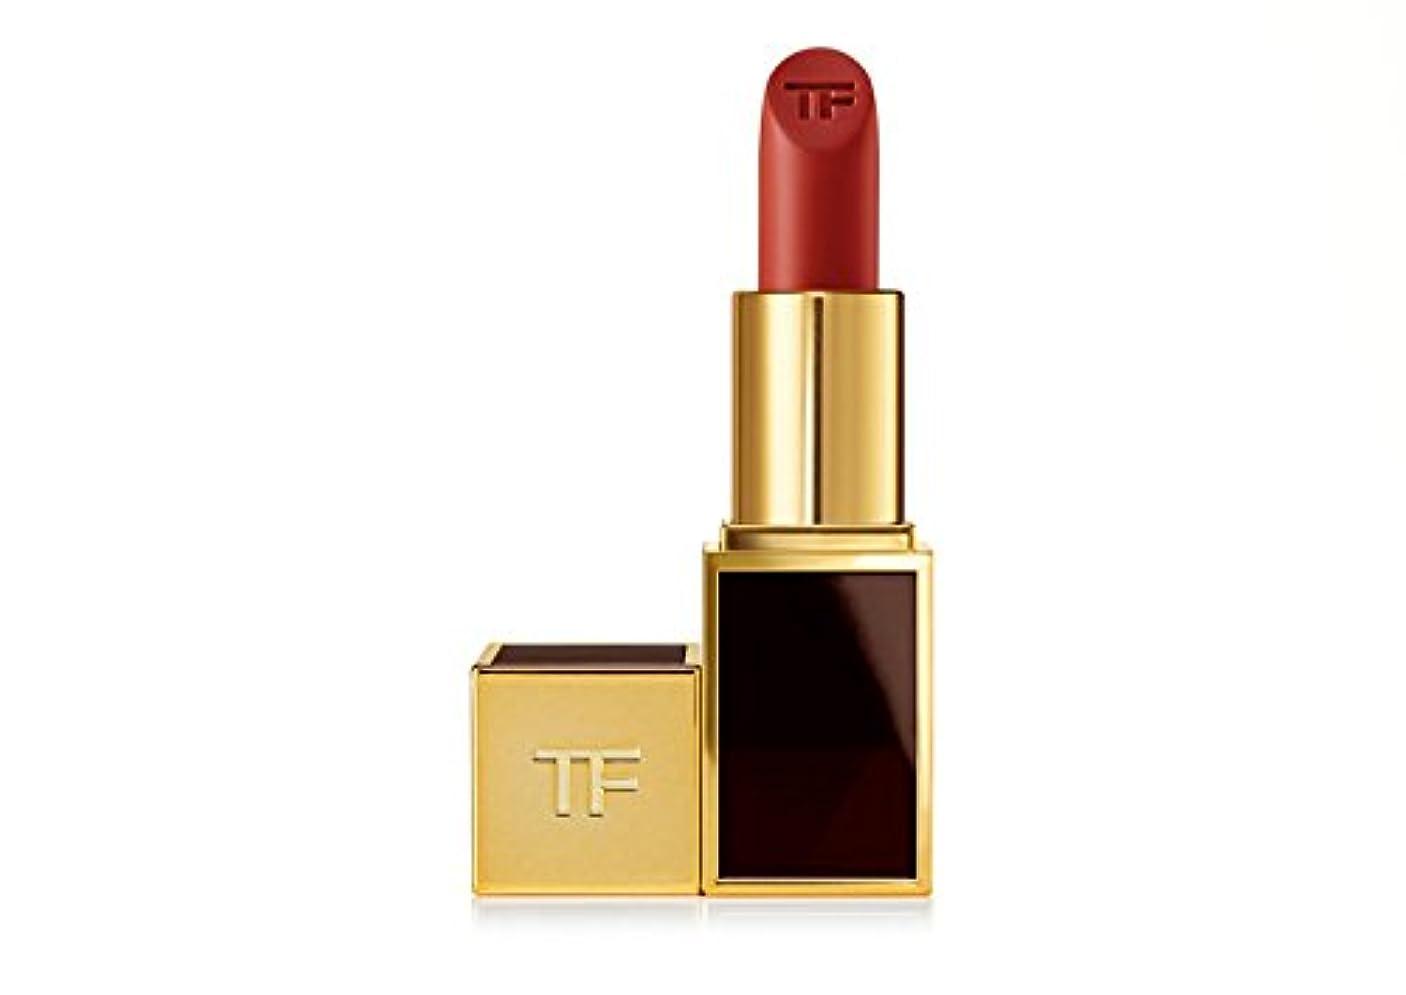 鋼憧れ恩恵トムフォード リップス アンド ボーイズ 8 レッズ リップカラー 口紅 Tom Ford Lipstick 8 REDS Lip Color Lips and Boys (Dominic ドミニク) [並行輸入品]